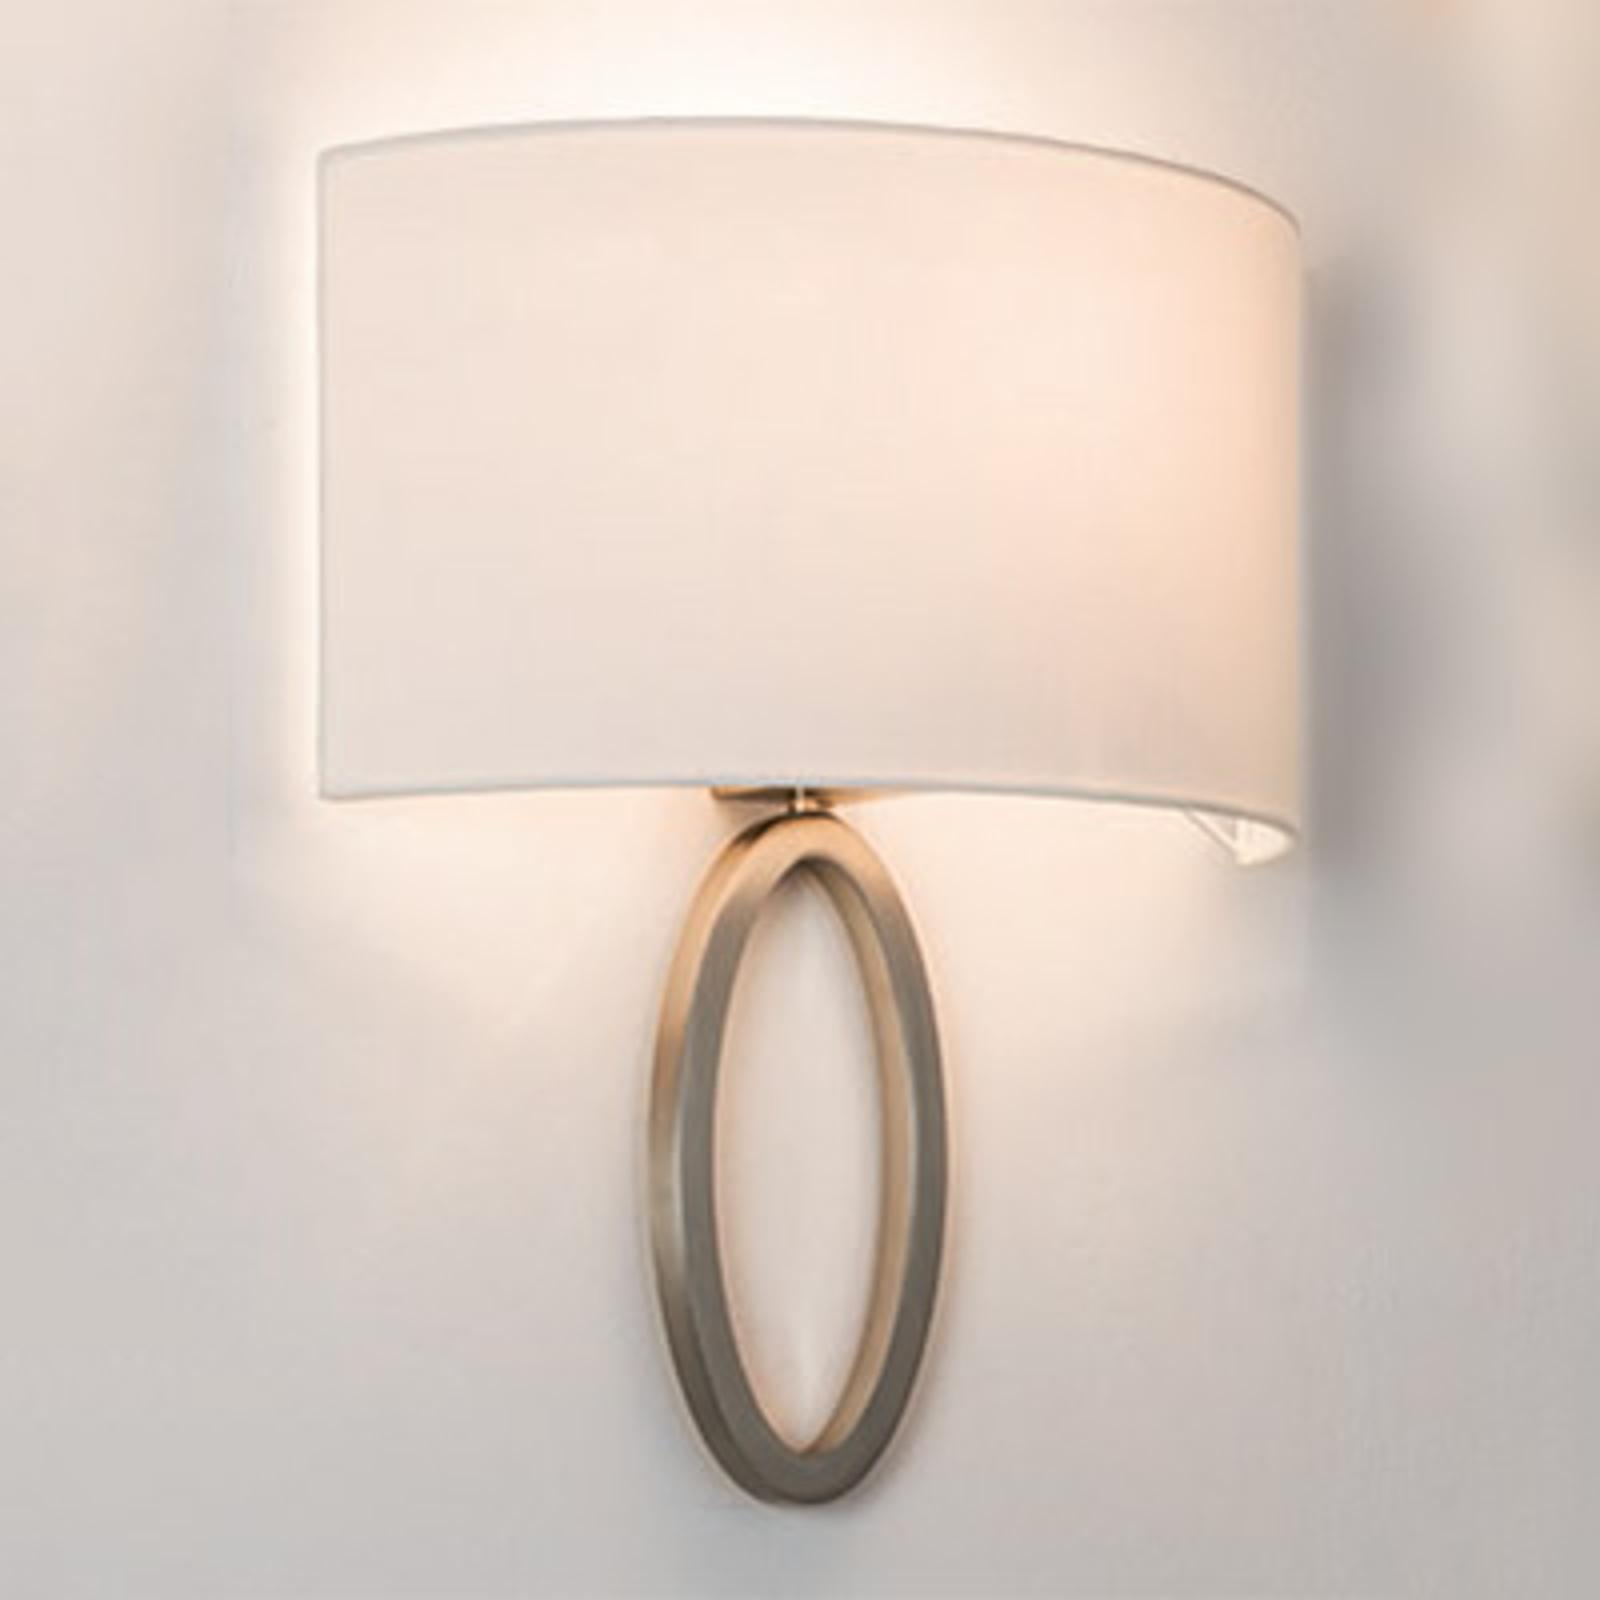 Elegant tekstil væglampe Lima i hvid